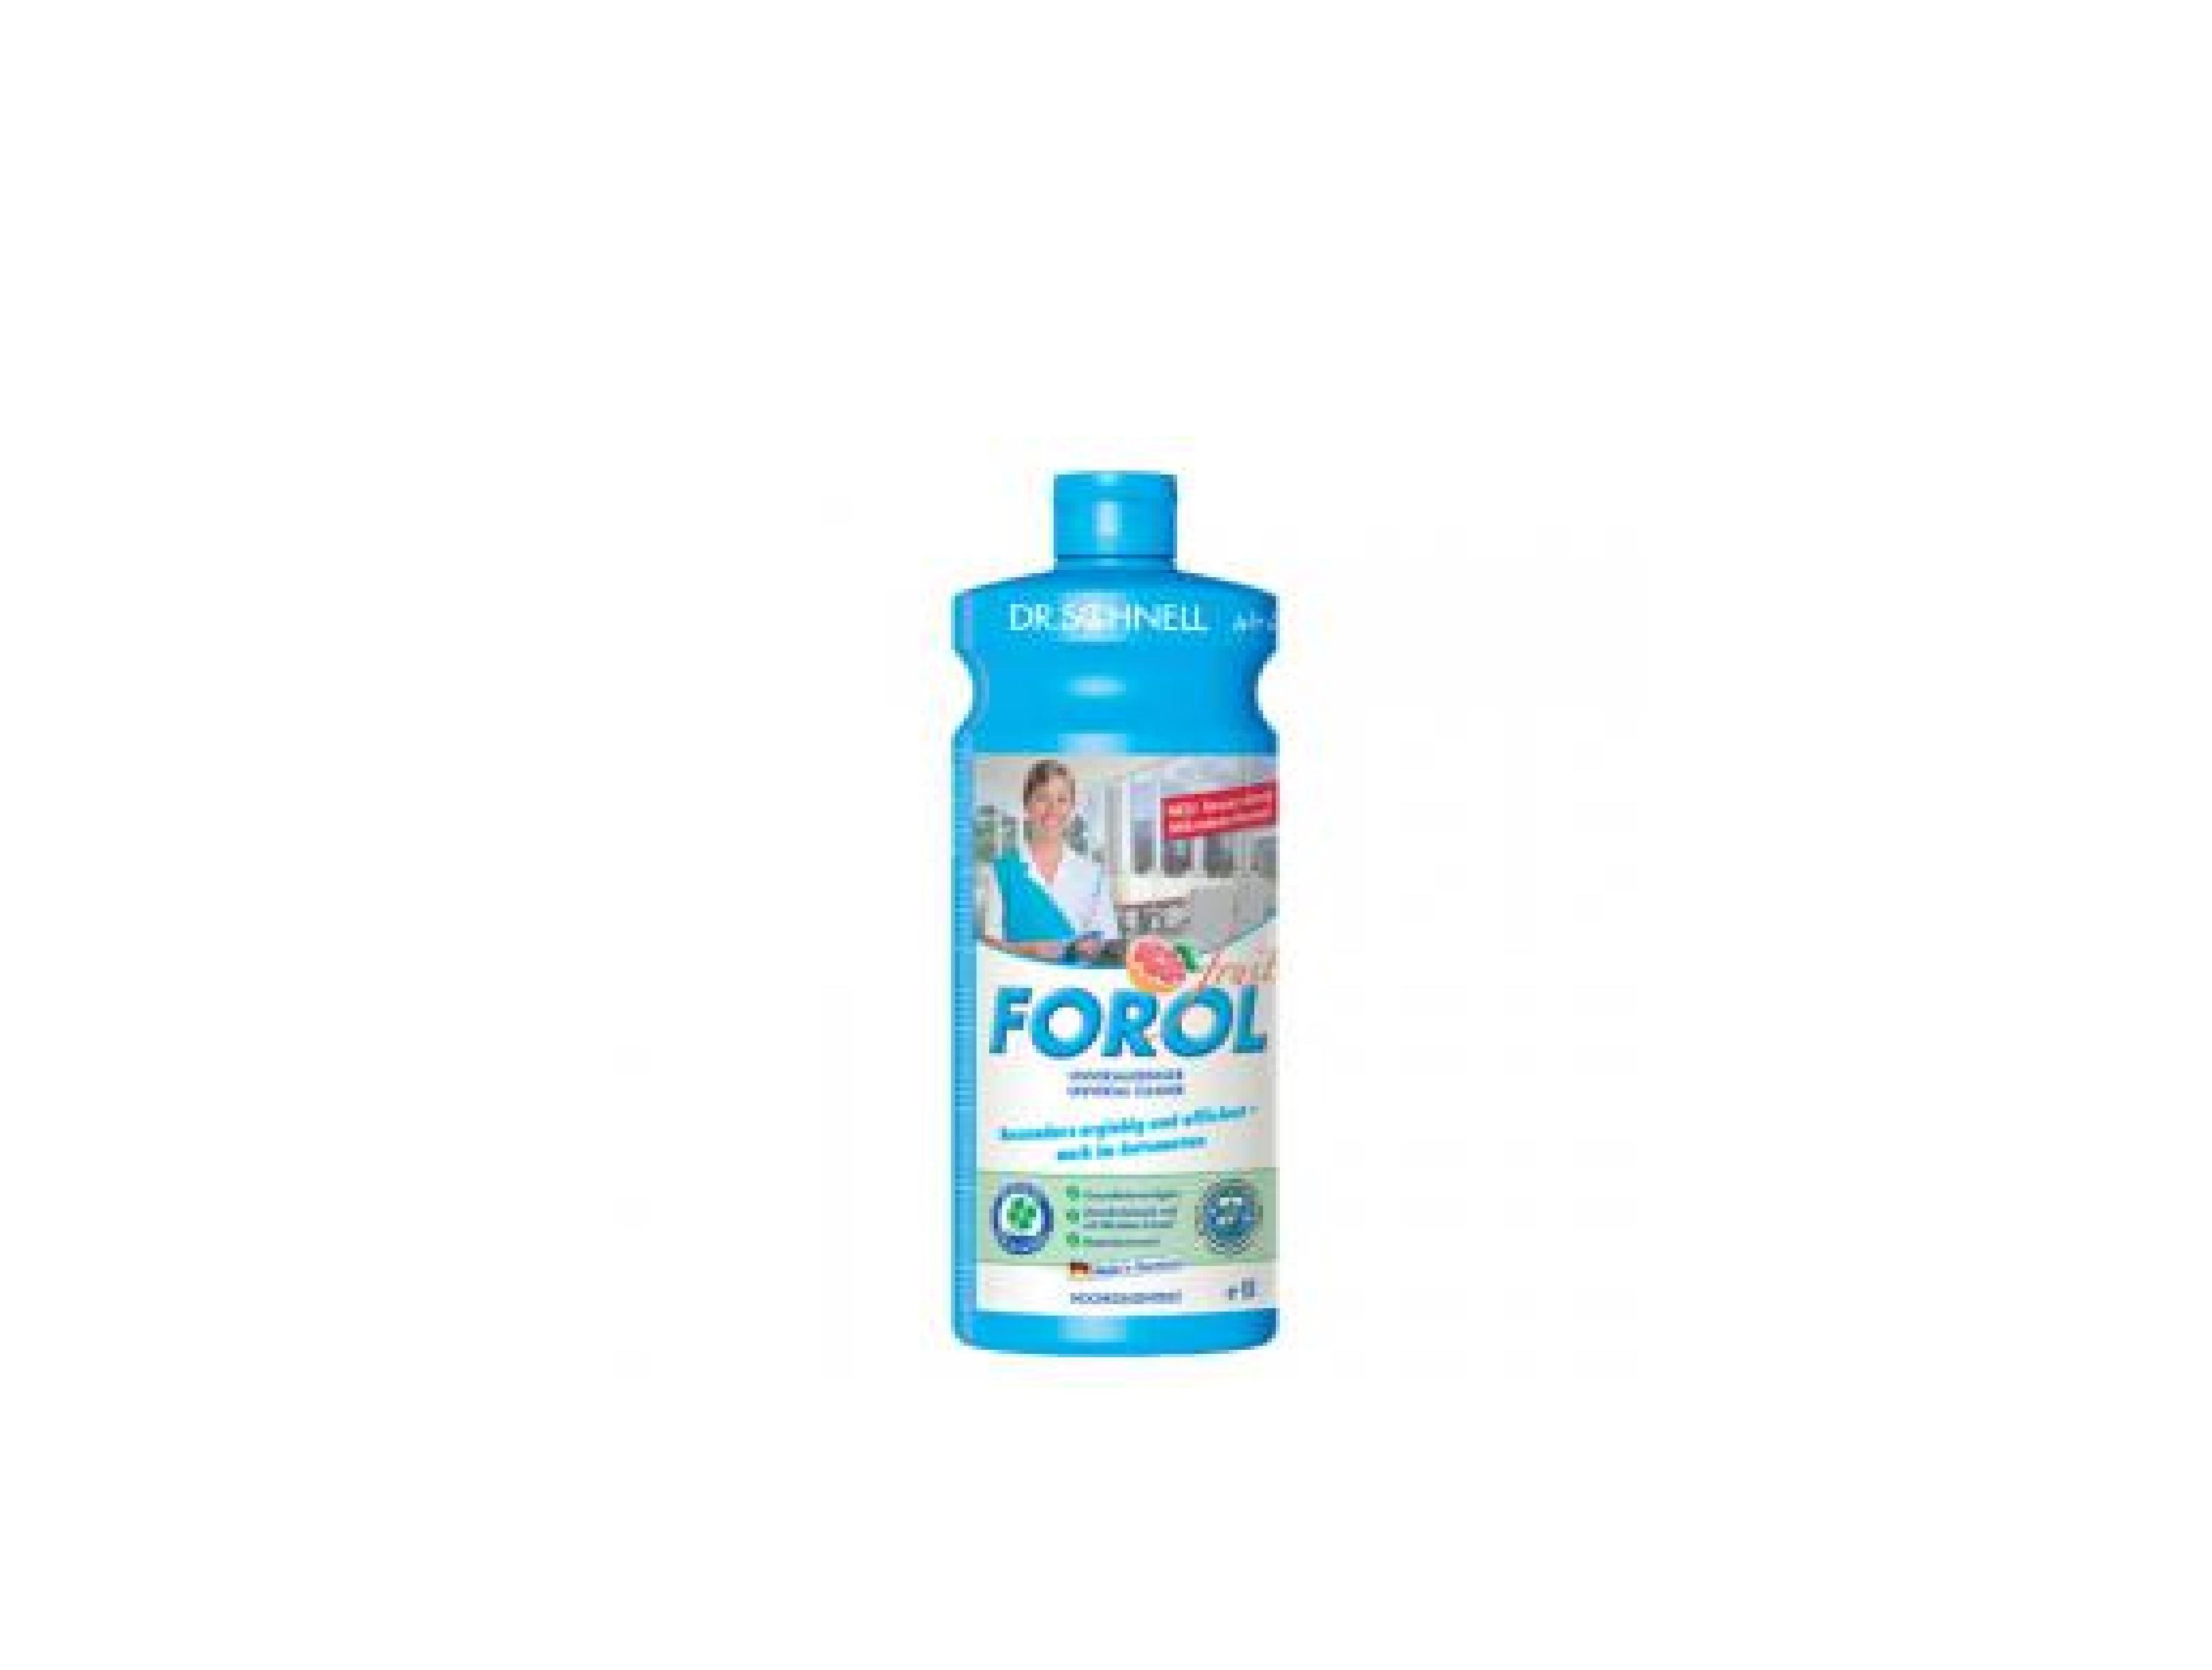 Средство универсальное для очистки водостойких поверхностей Forol 1л, 12шт/упак